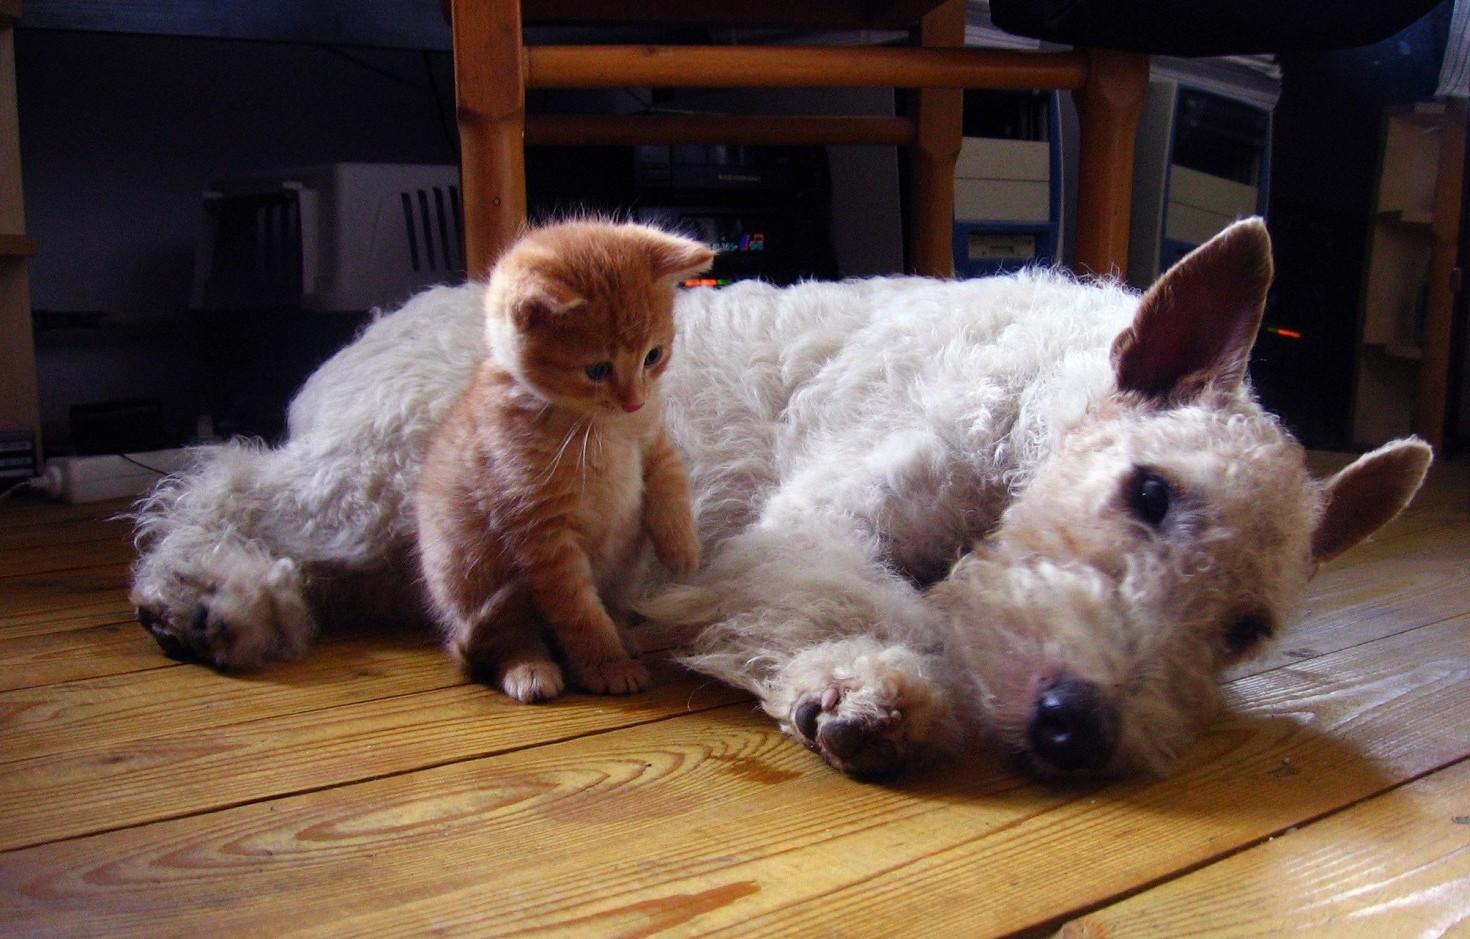 Cosa fare se muore un cane, gatto o animale domestico. Procedure 2020 da rispettare